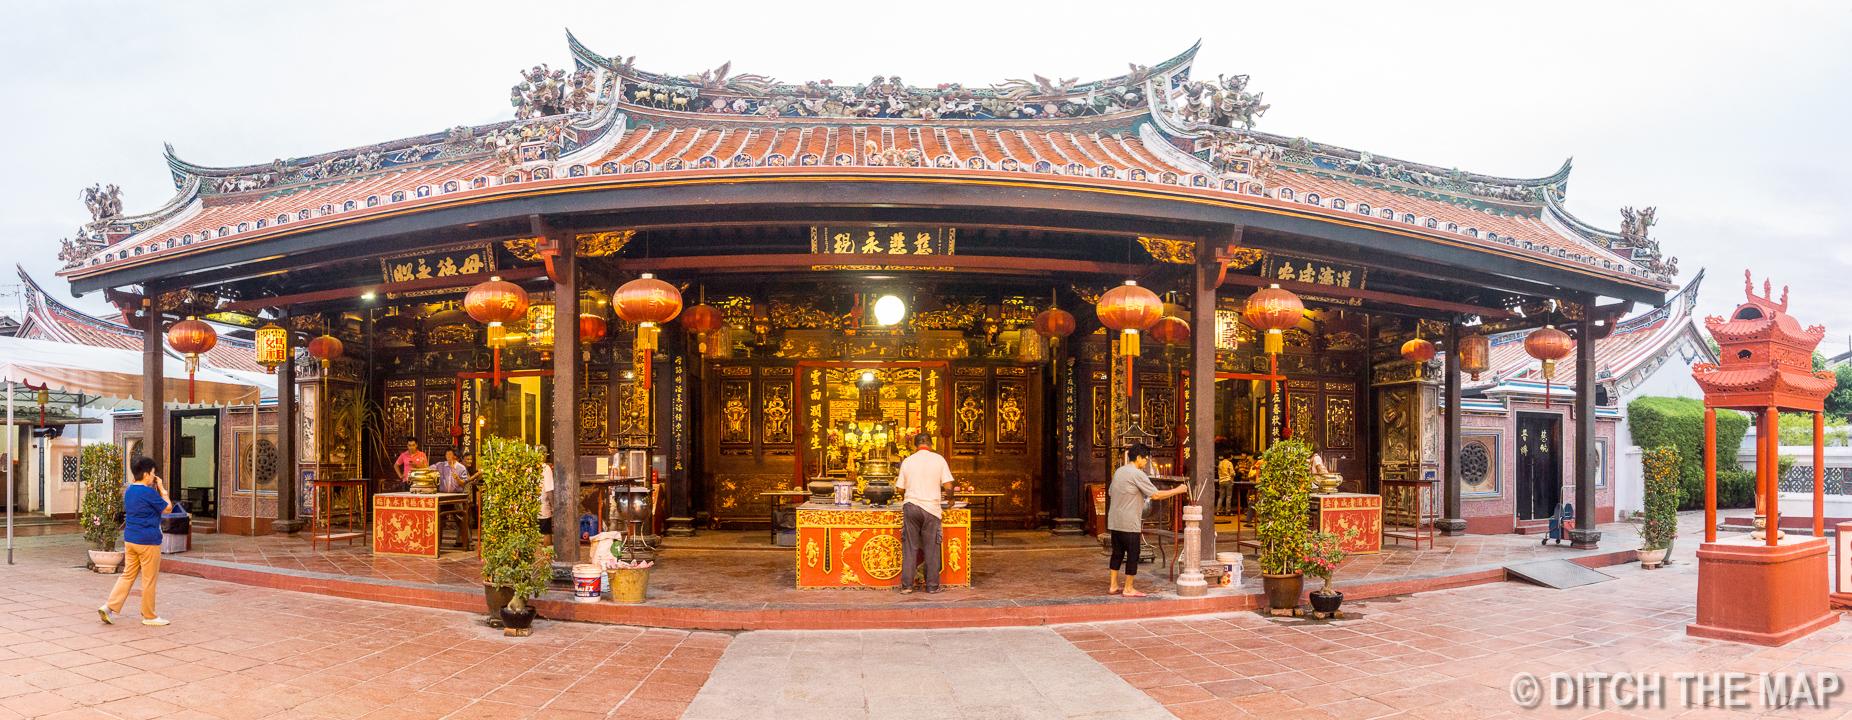 Cheng Hoon Teng Temple Malacca's Chinatown, Malaysia